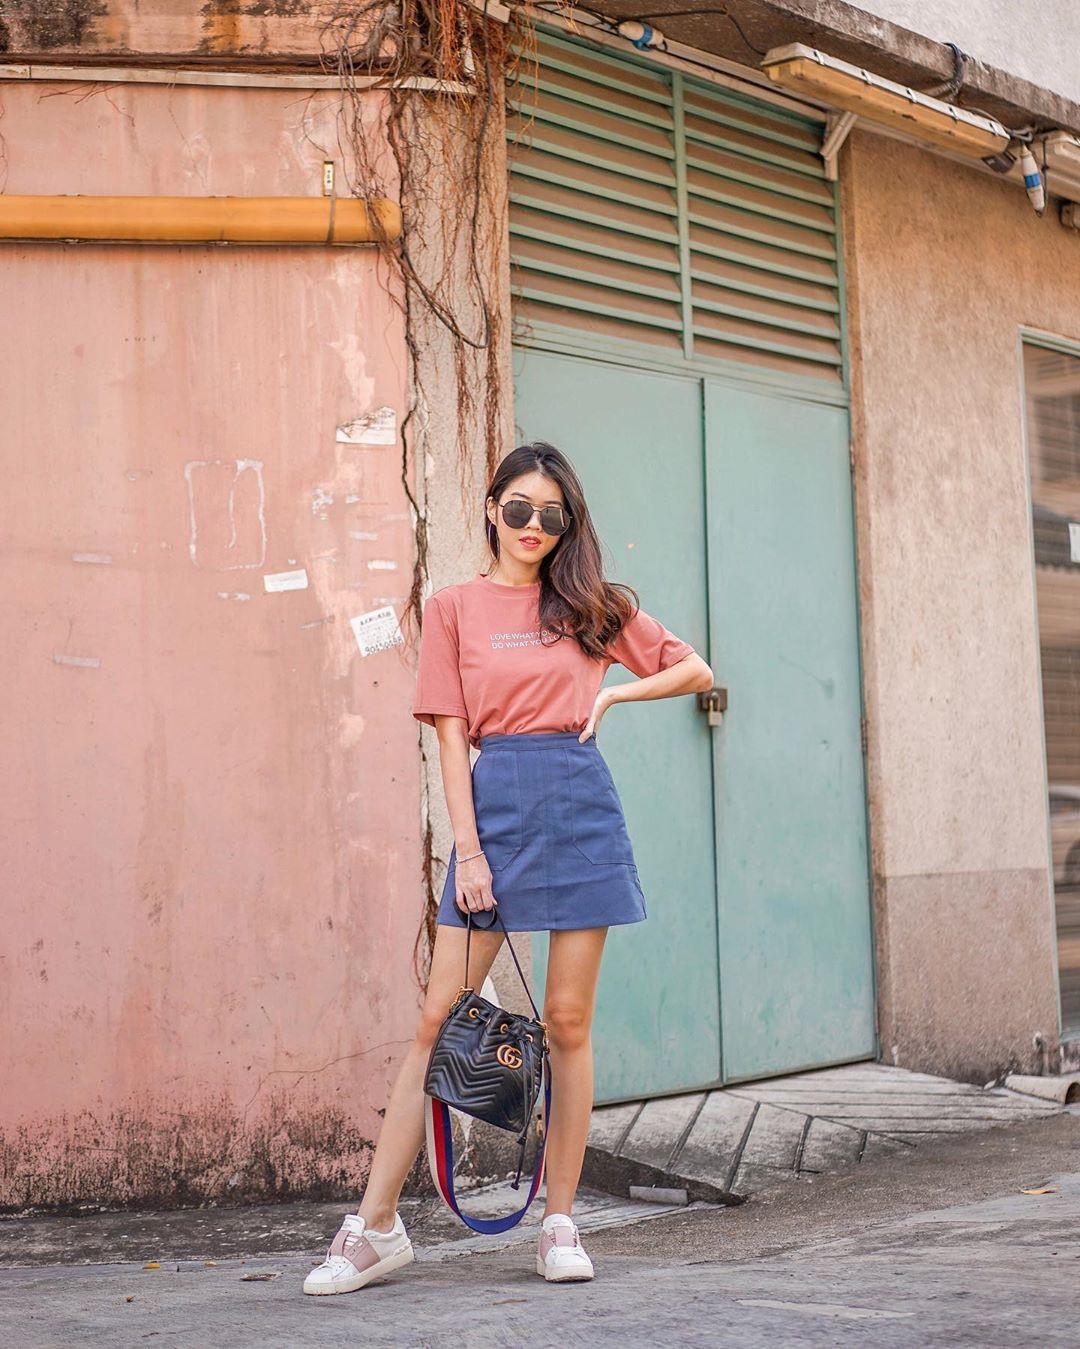 Ít ai biết rằng: Chân váy cũng có thể kéo chân dài miên man nếu bạn chọn 4 kiểu dáng này - Ảnh 8.